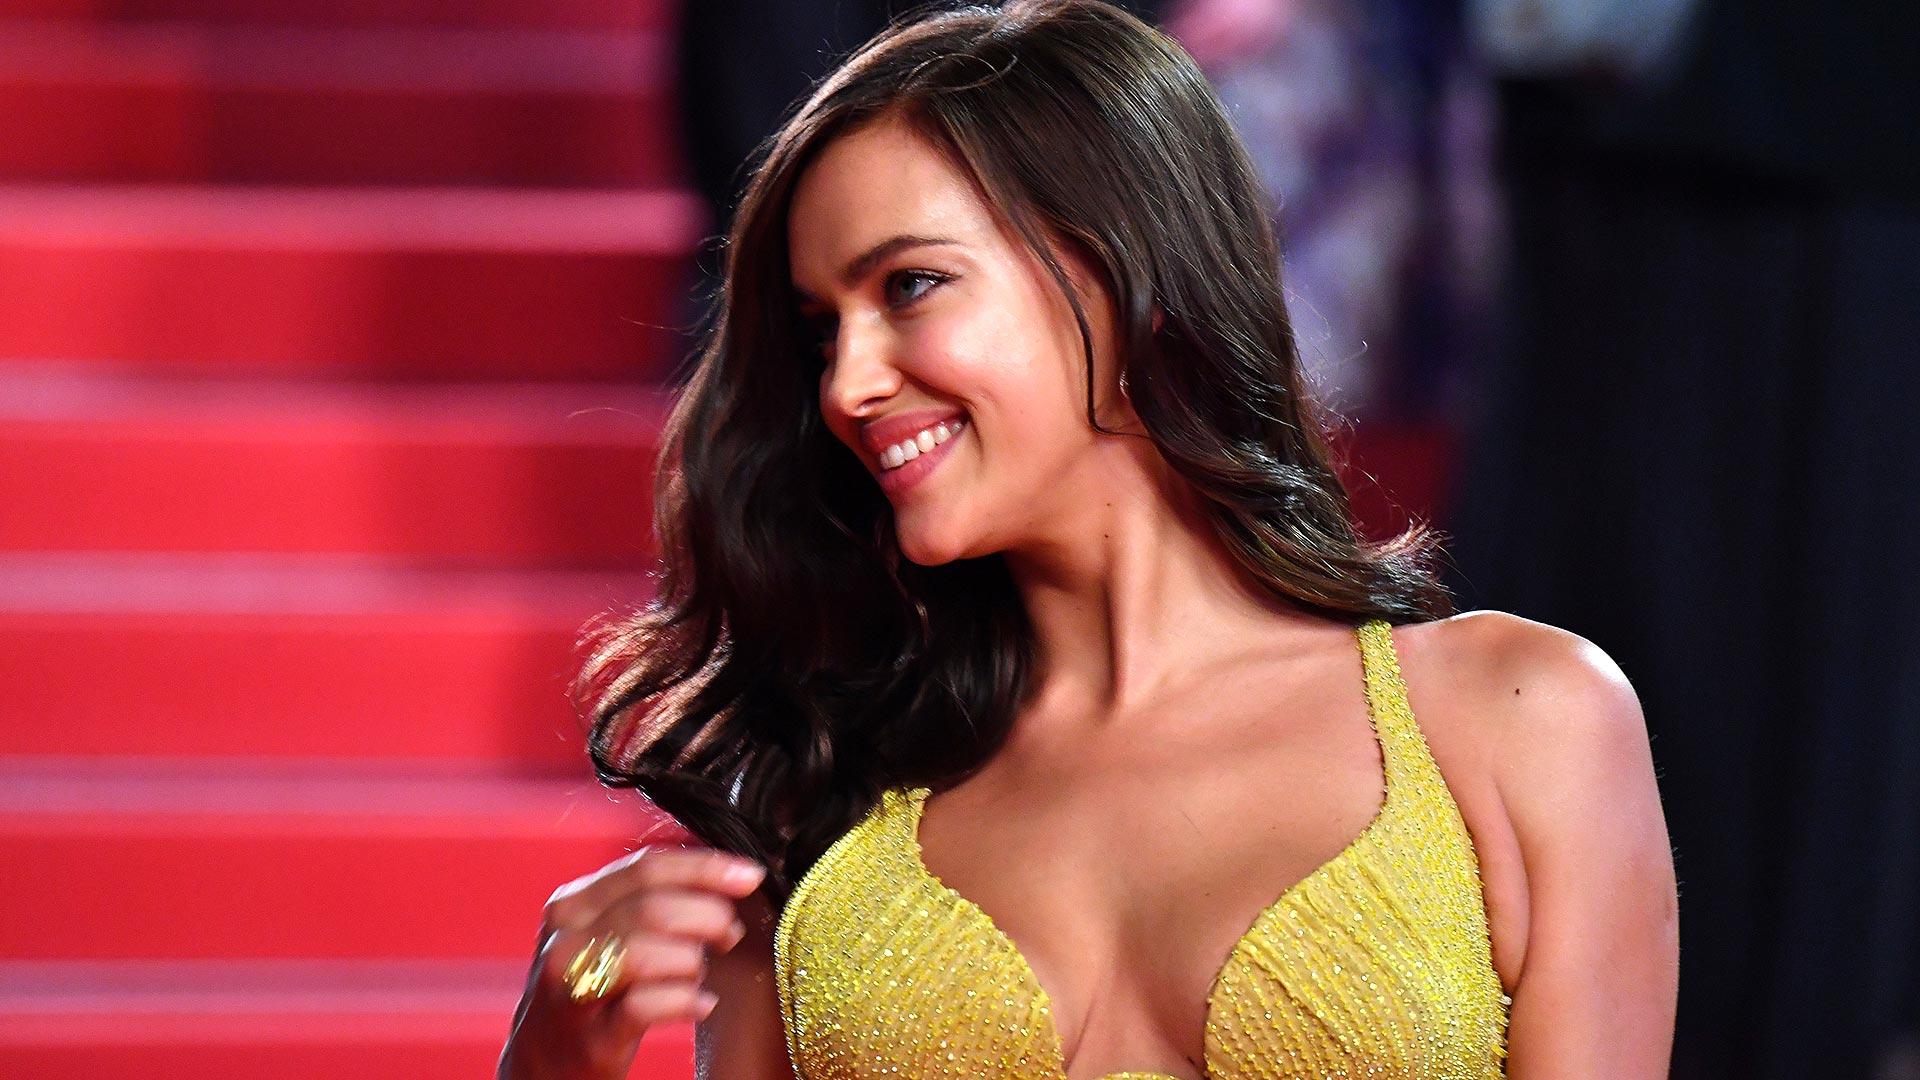 La modelo rusa Irina Shayk se lució en su paso por Cannes con un vestido amarillo de la casa Versace a sólo dos meses de haber sido madre por primera vez junto a su pareja, el actor Bradley Cooper